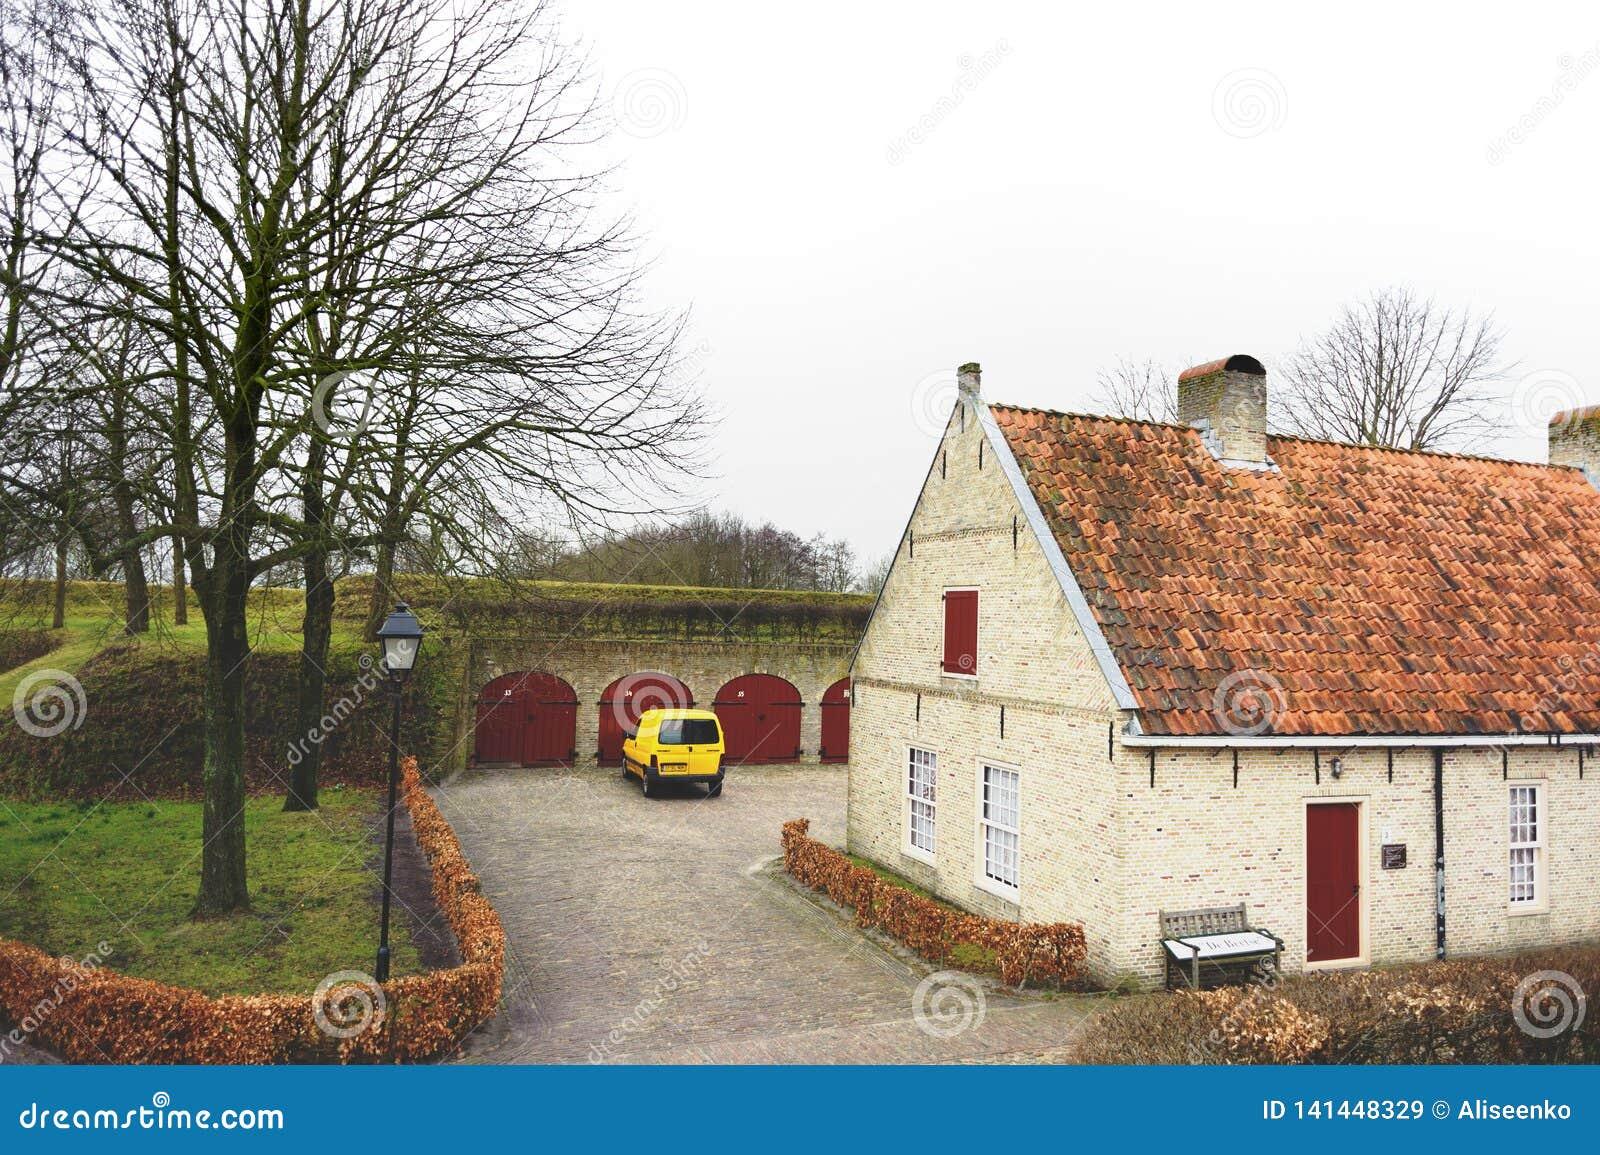 Bourtange, provincia de Groninga, Países Bajos - 18 de marzo de 2012: Pequeña casa en Bourtange, provincia de Groninga, los Paíse